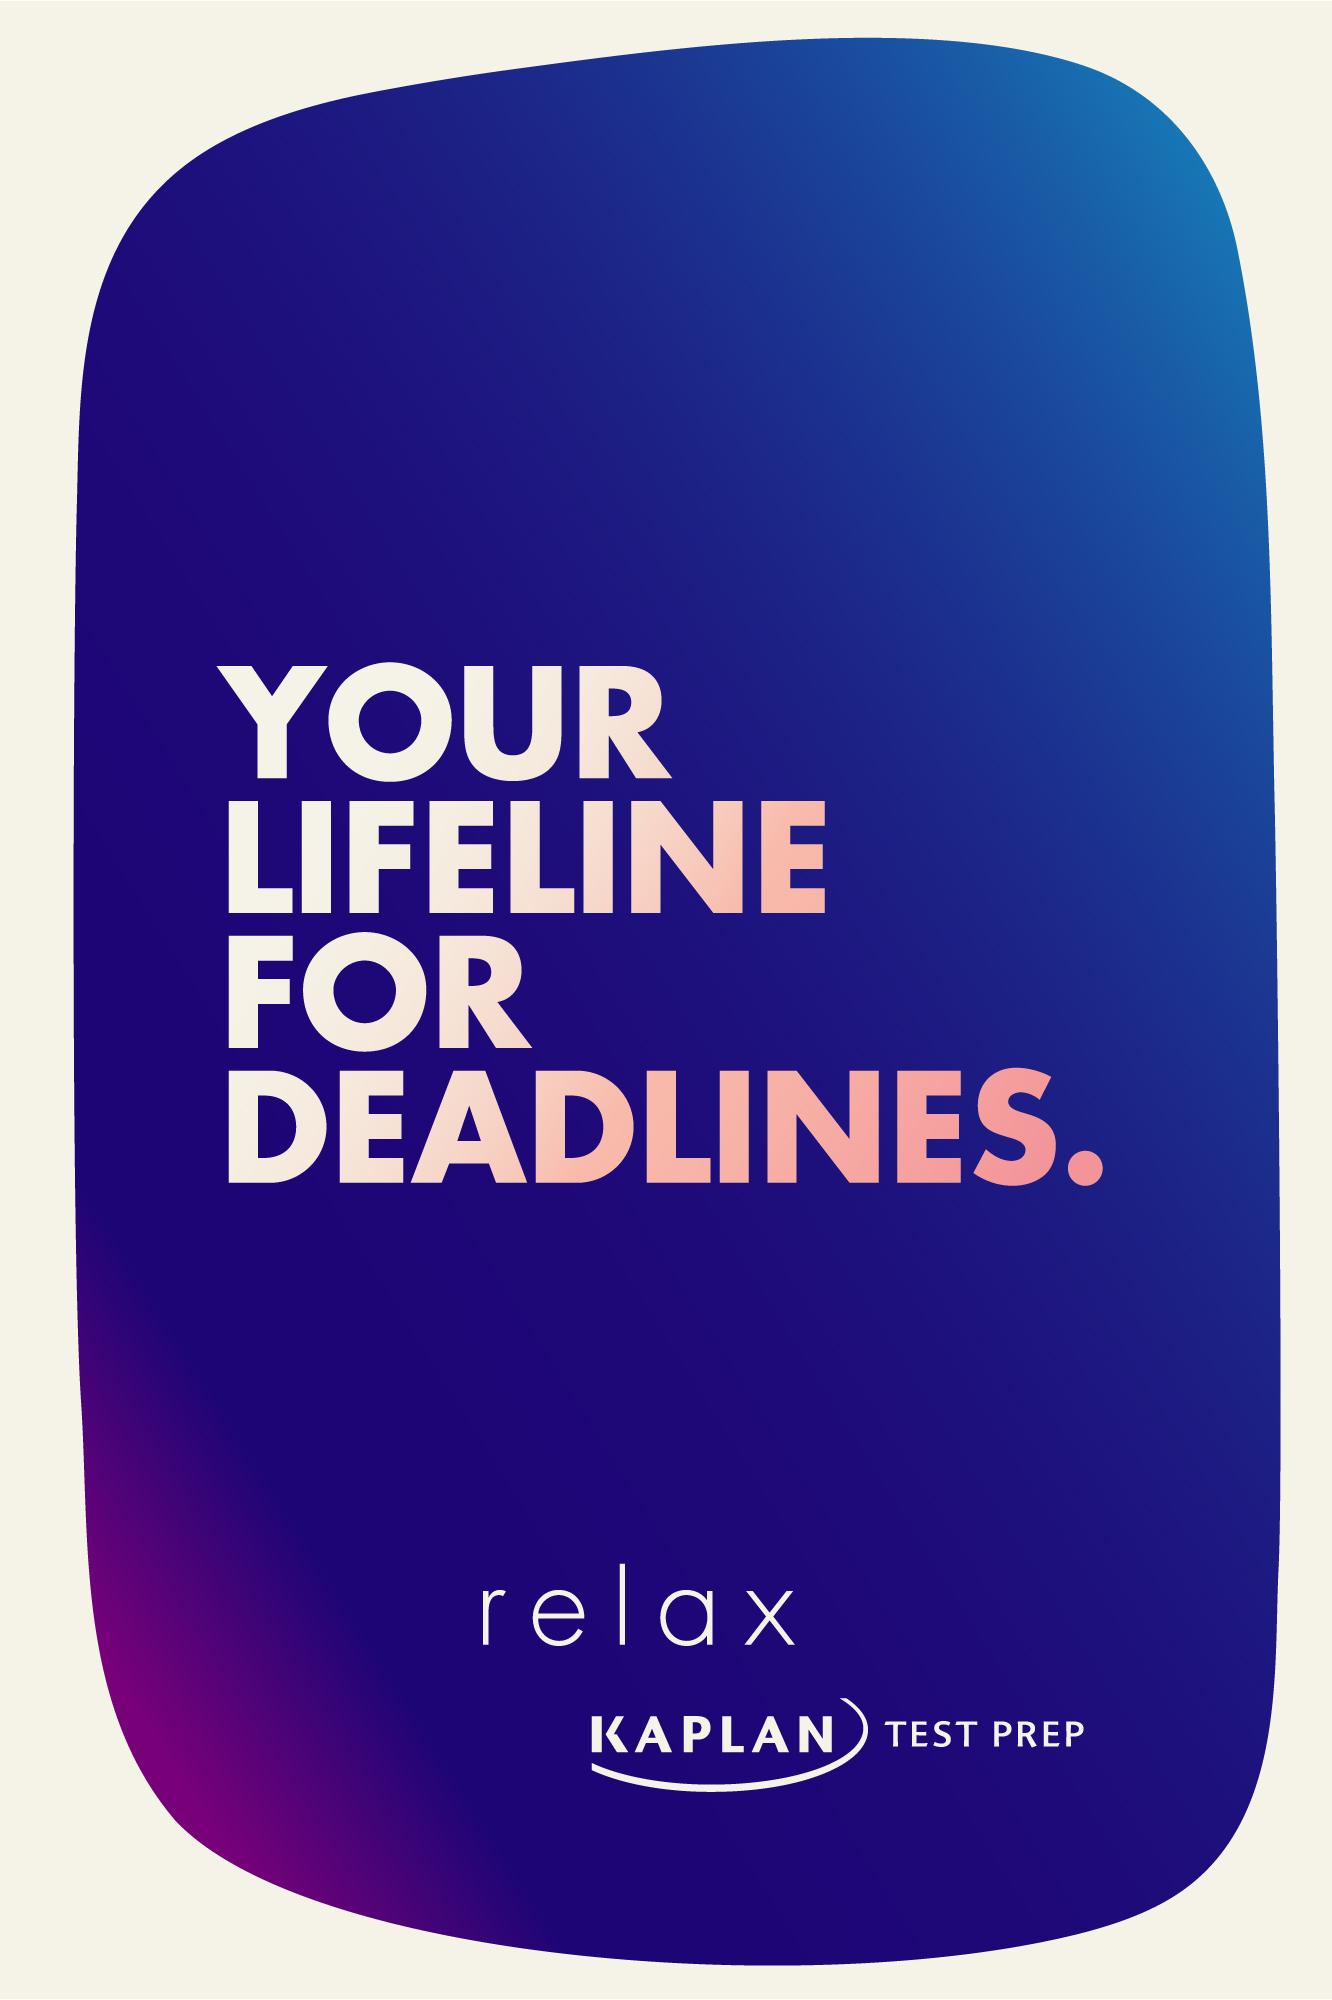 Lifeline long.jpg